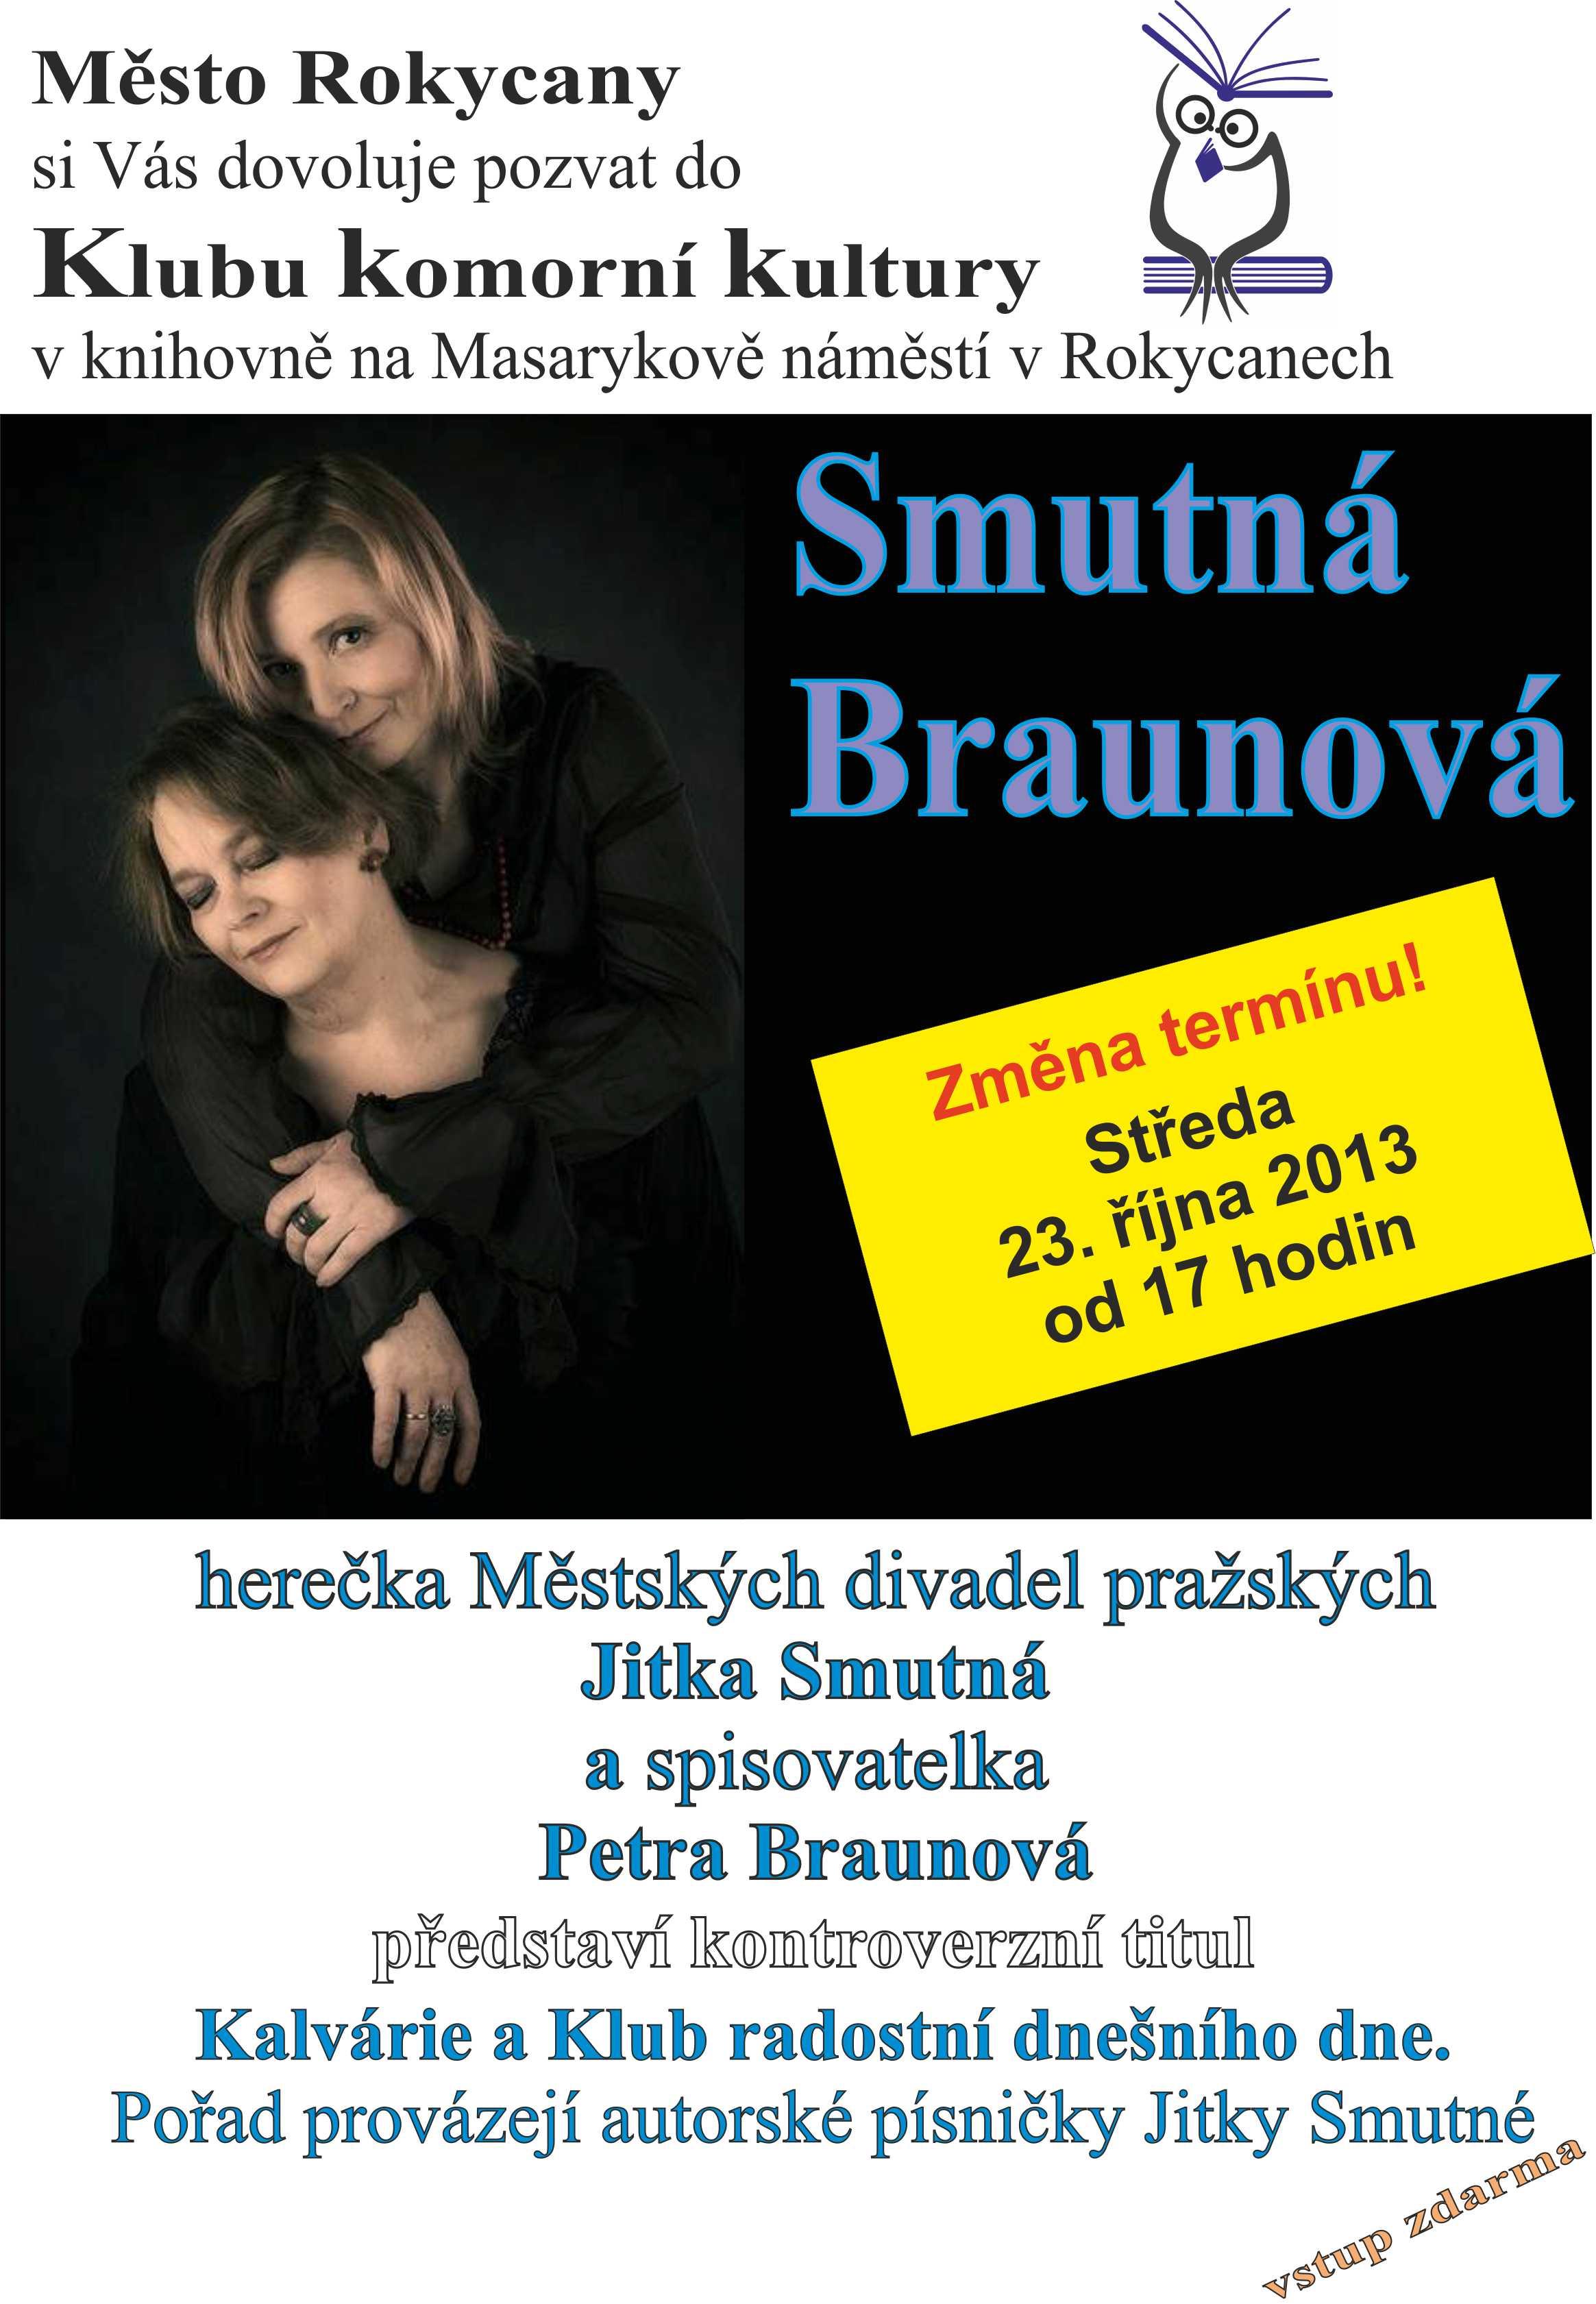 Literárně hudební pořad Smutná - Braunová 23.10. 2013